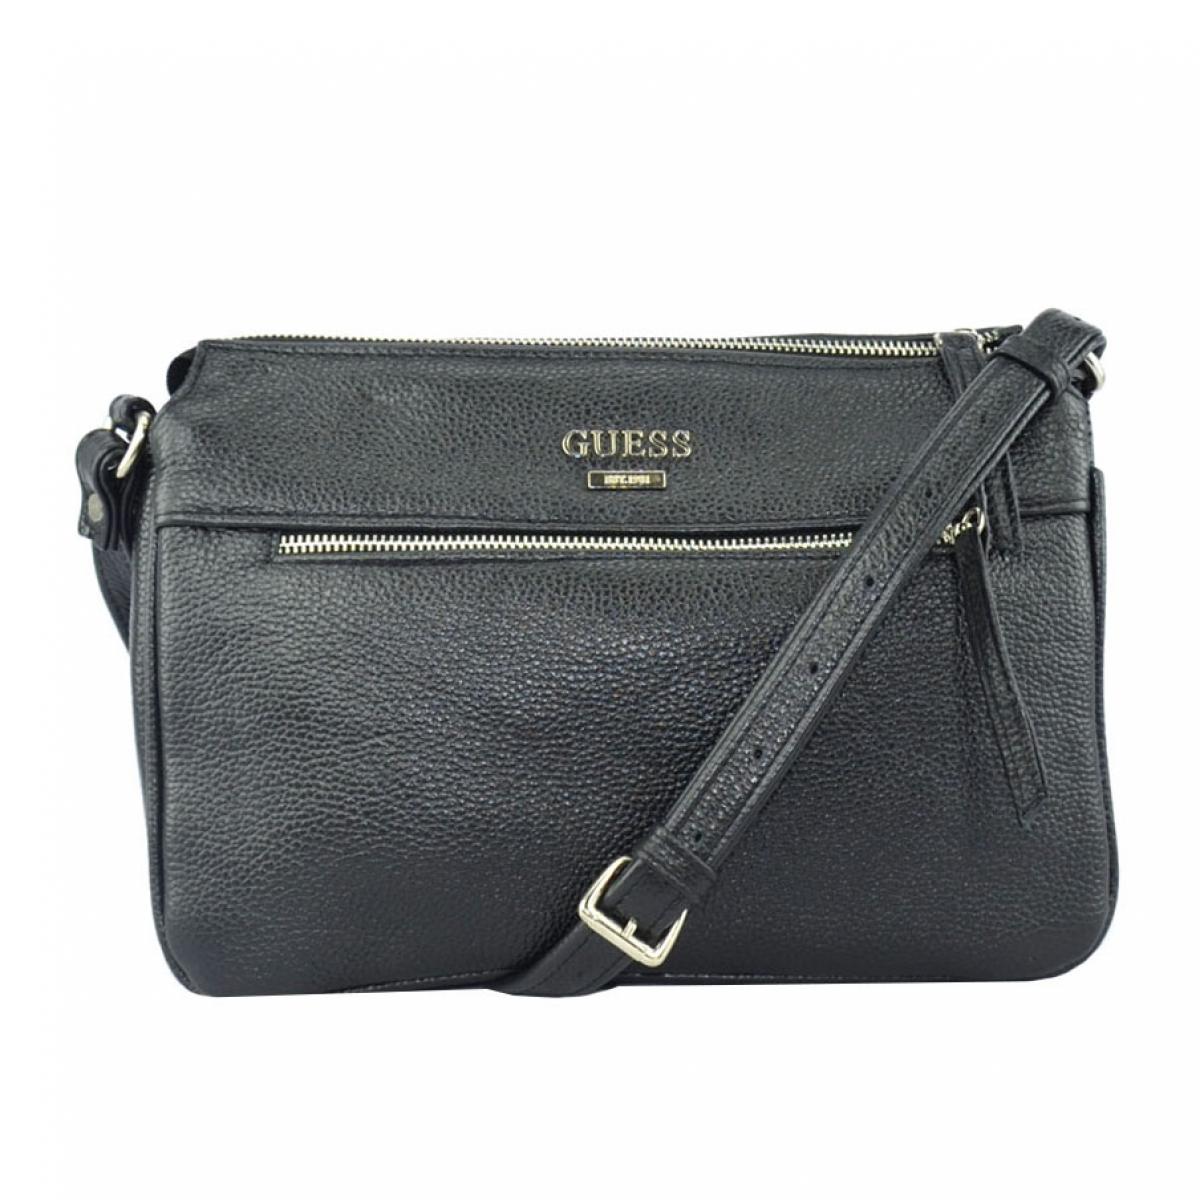 0ddd7554f3f2 Кожаная сумка на плечо женская 1763/101 Украина - интернет магазин ...